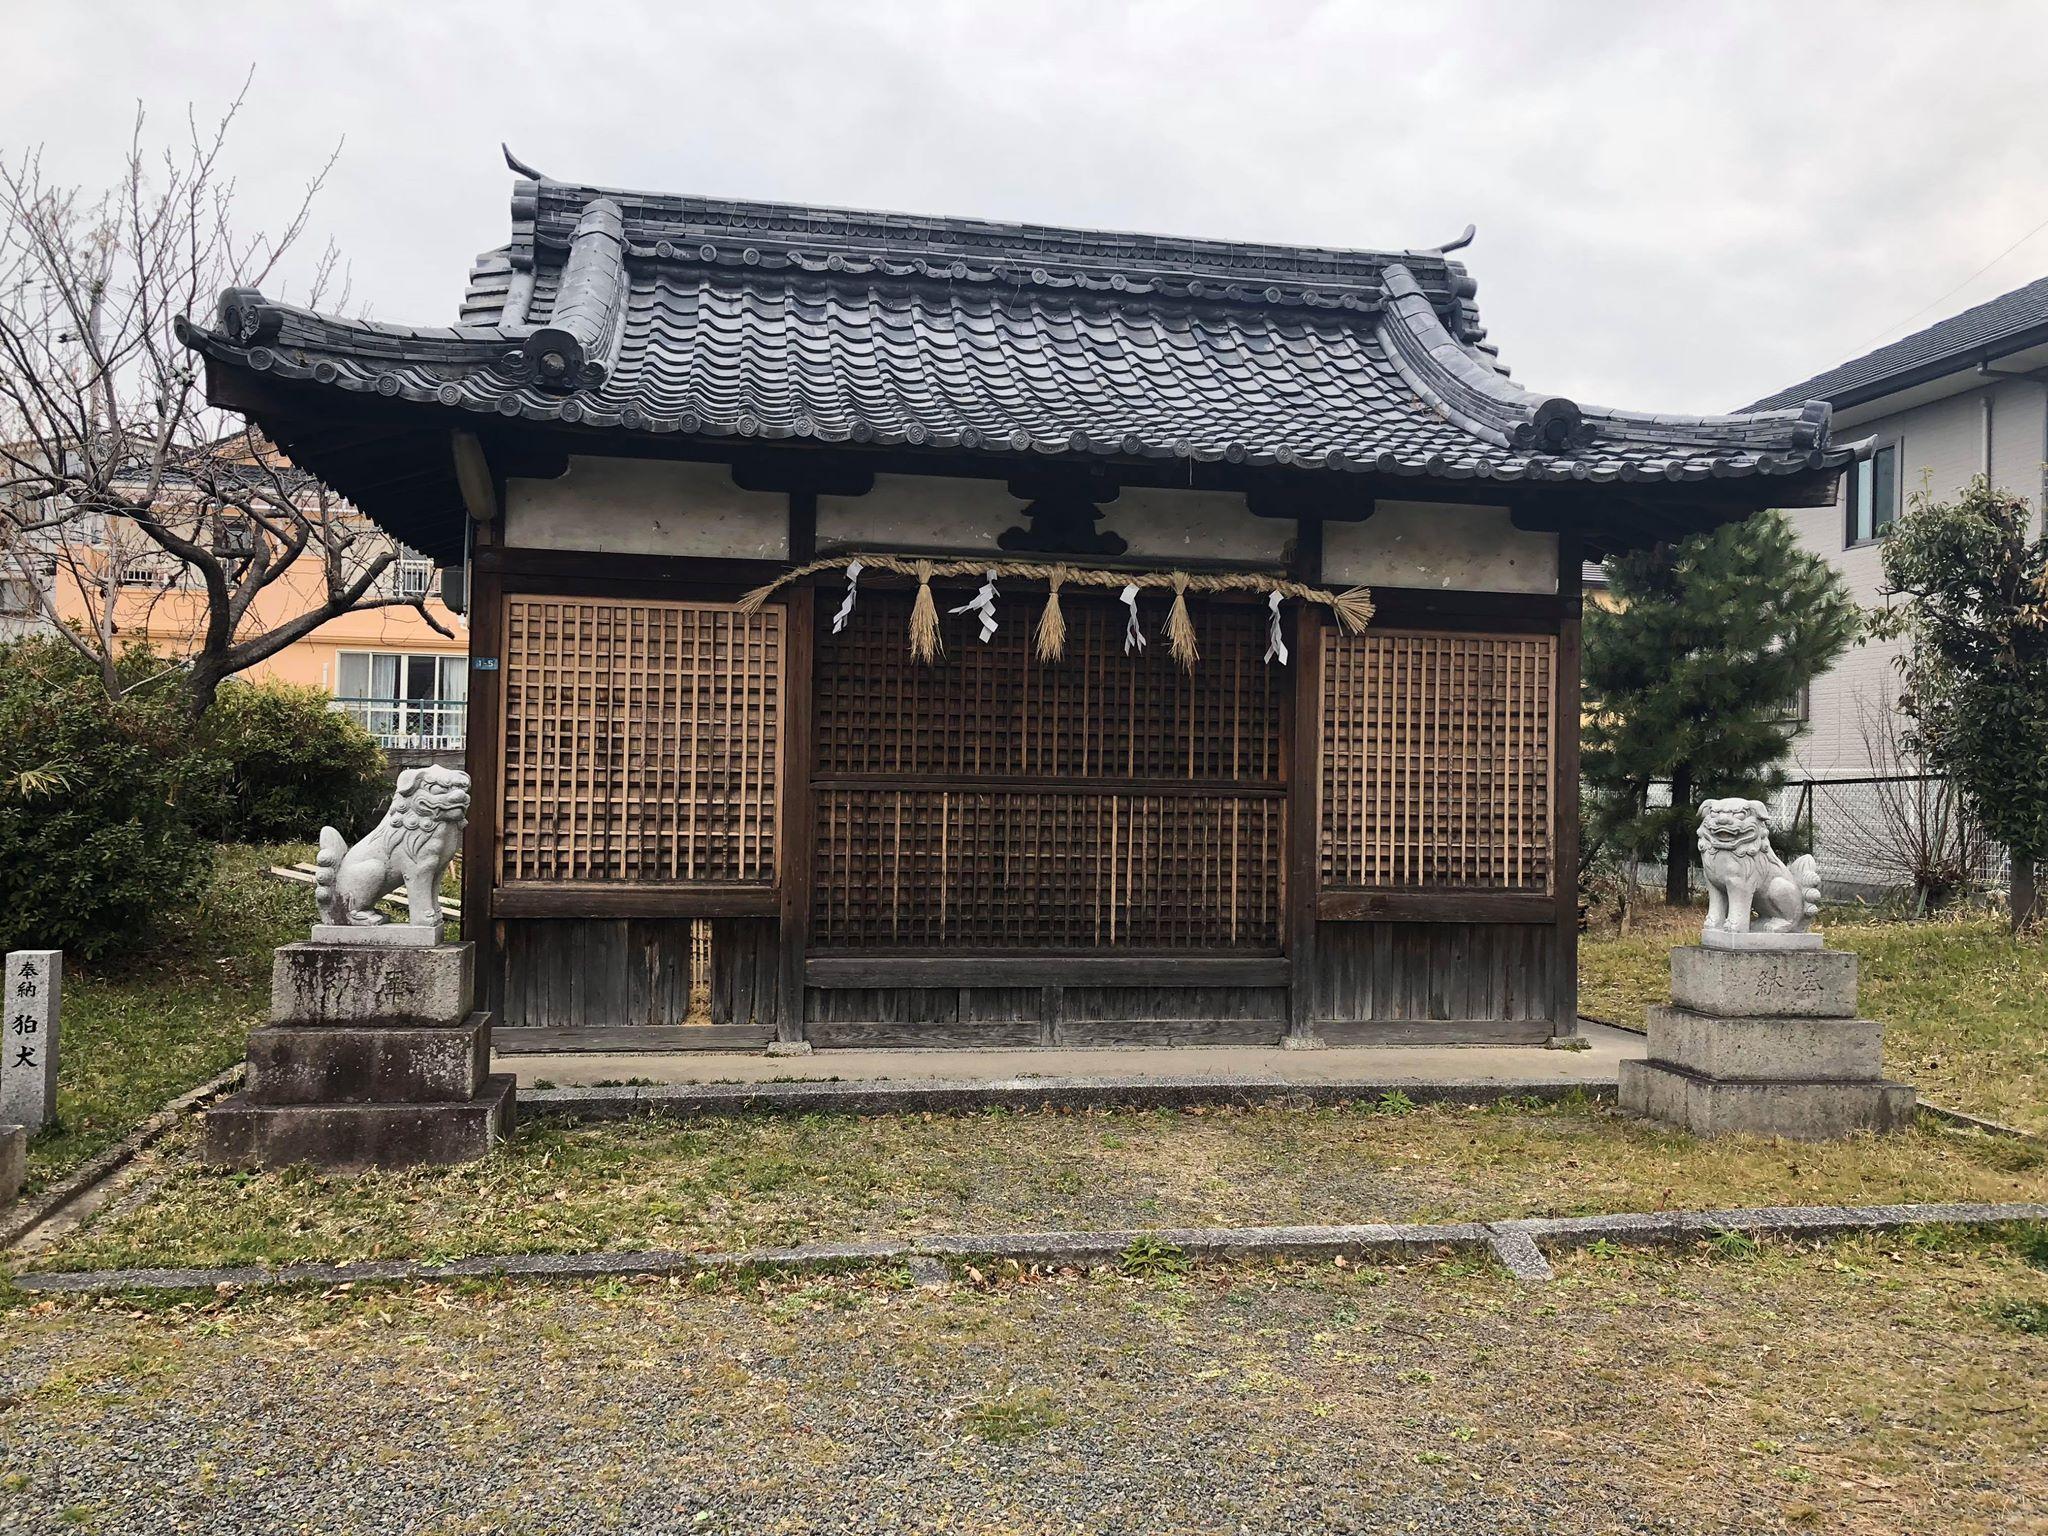 阿為神社神社御旅所灰汁洗い(あくあらい)施工前